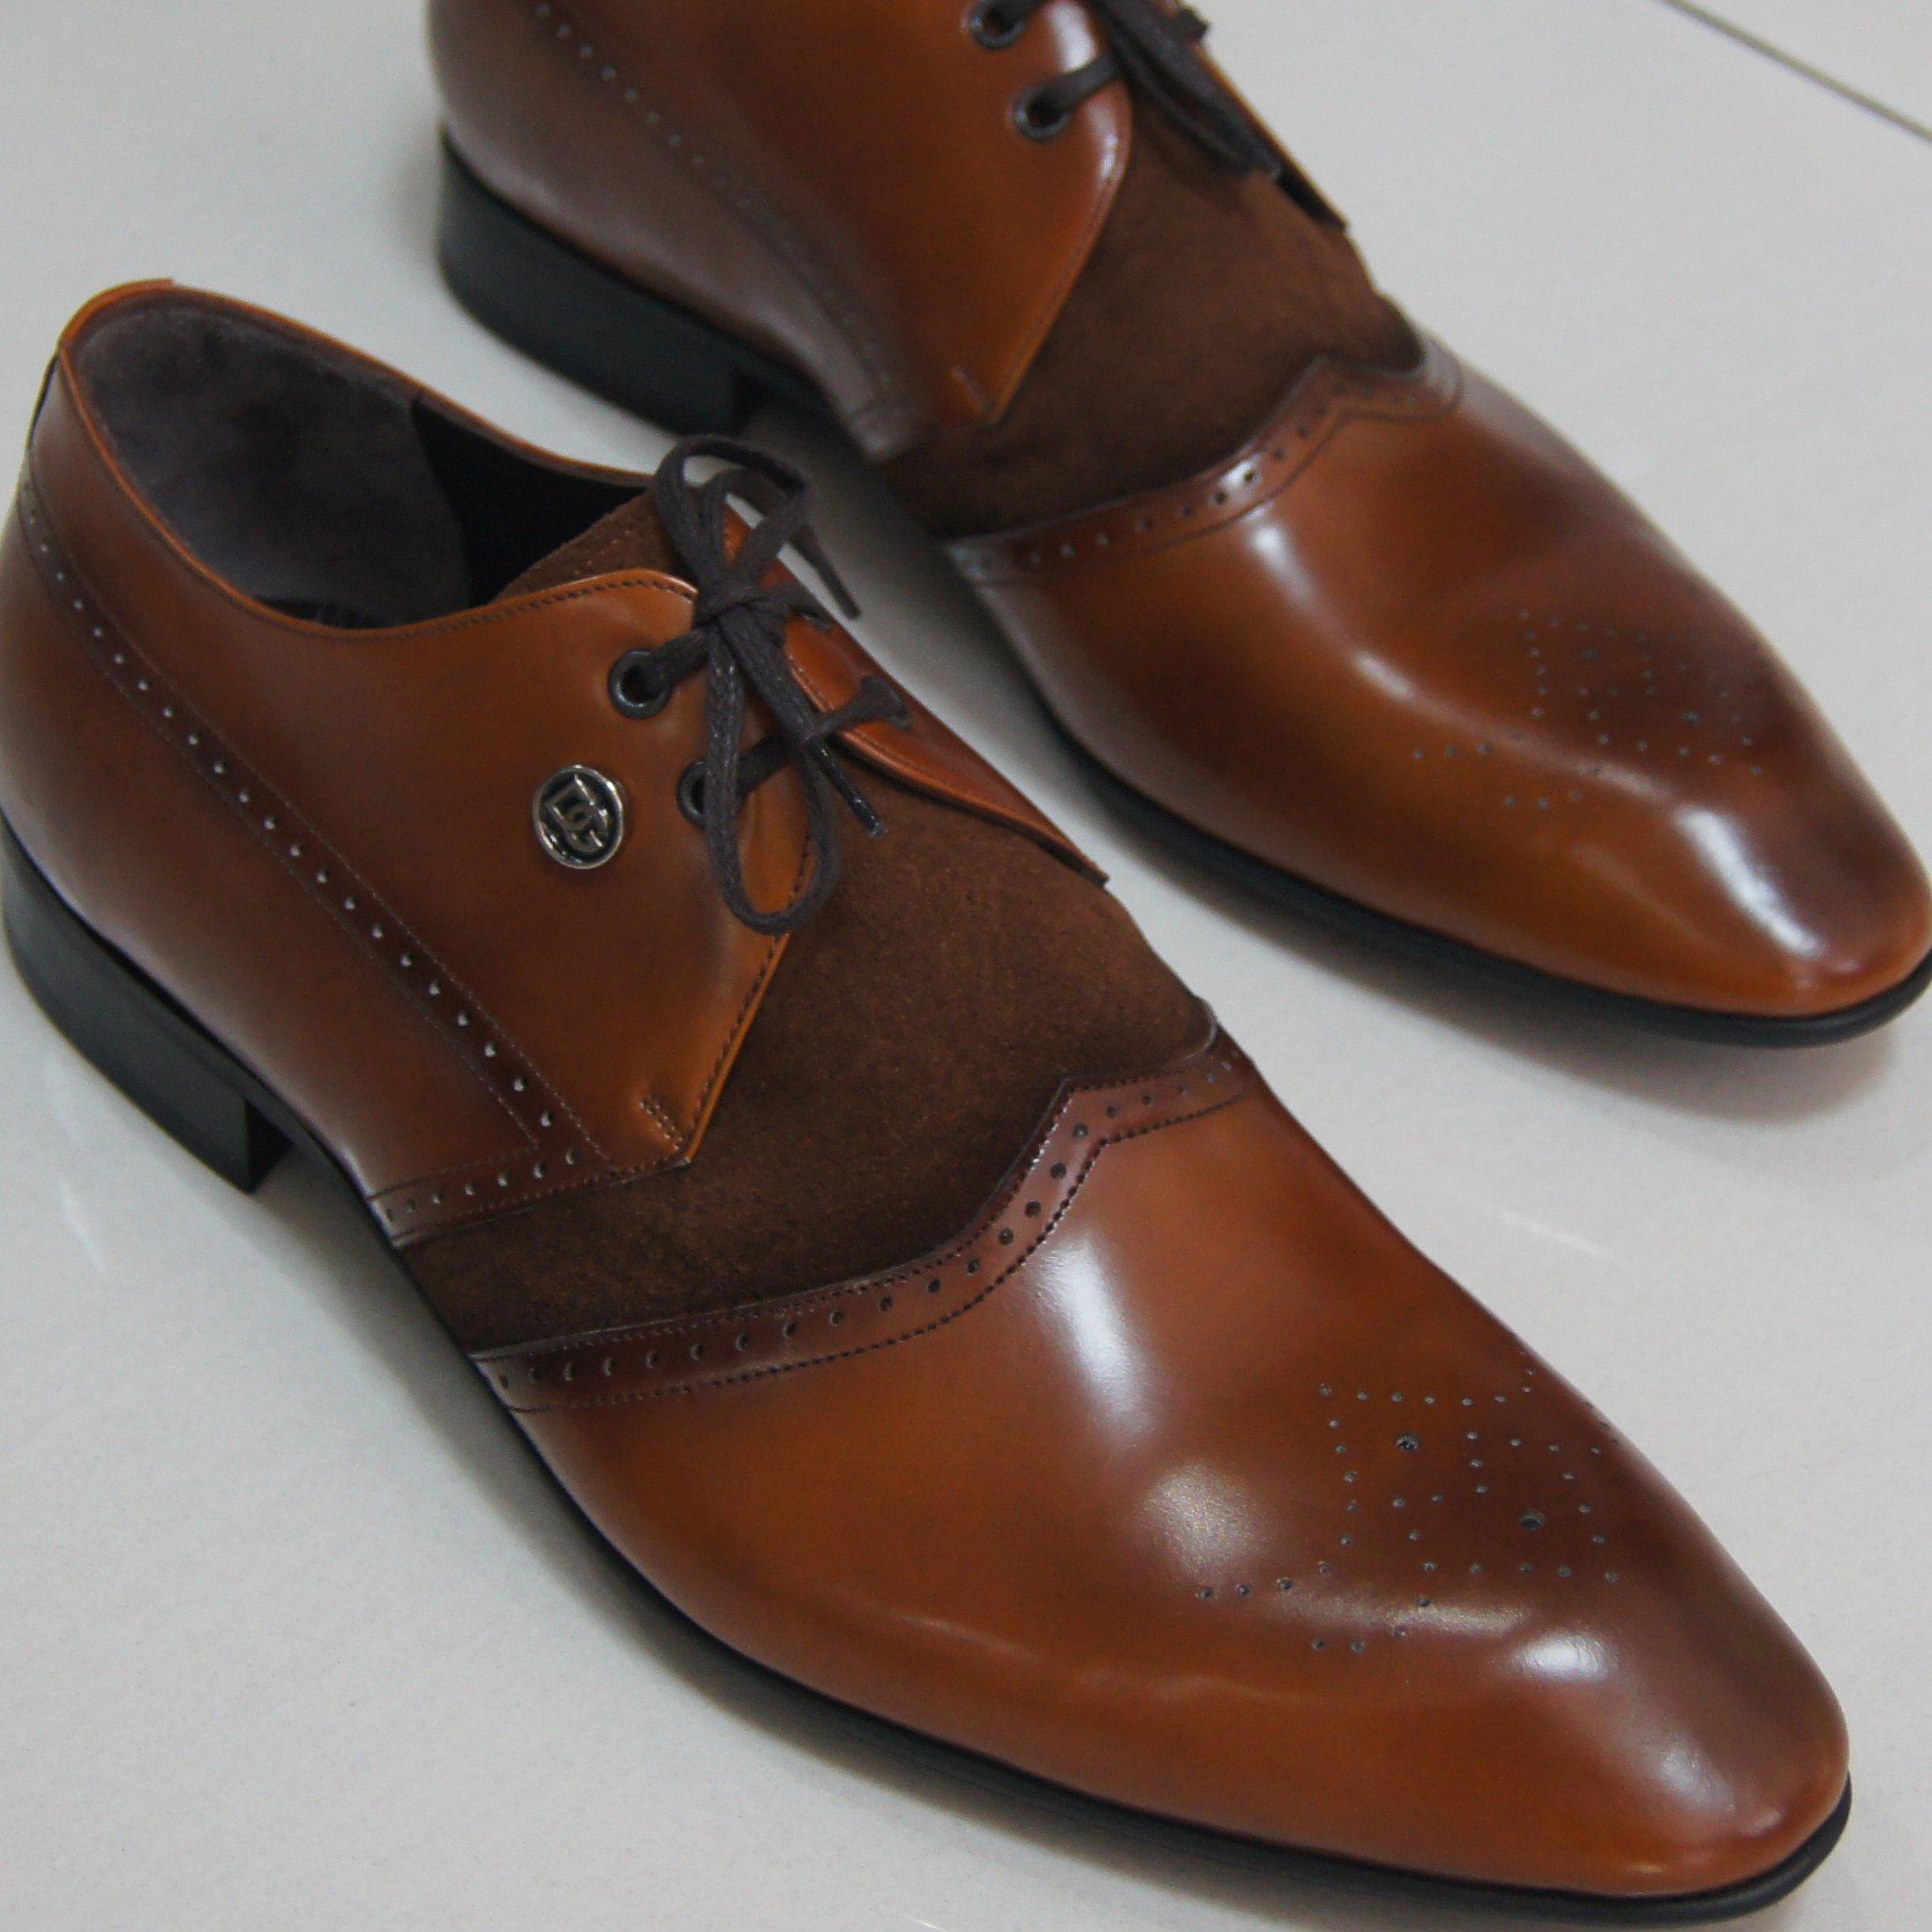 Cipele muske #202 - muske cipele beograd, muske cipele cene, cipele za odelo, cipele za vencanje, prodaja cipela za odela, cipele za maturu, braon cipele za odelo, cipele muske beograd, mens shoes belgrade